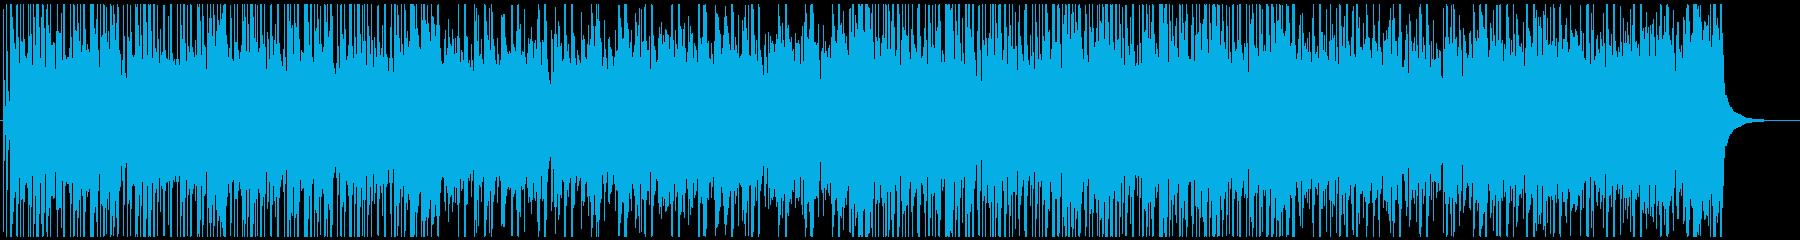 使いやすい!ポップな和風BGM6の再生済みの波形